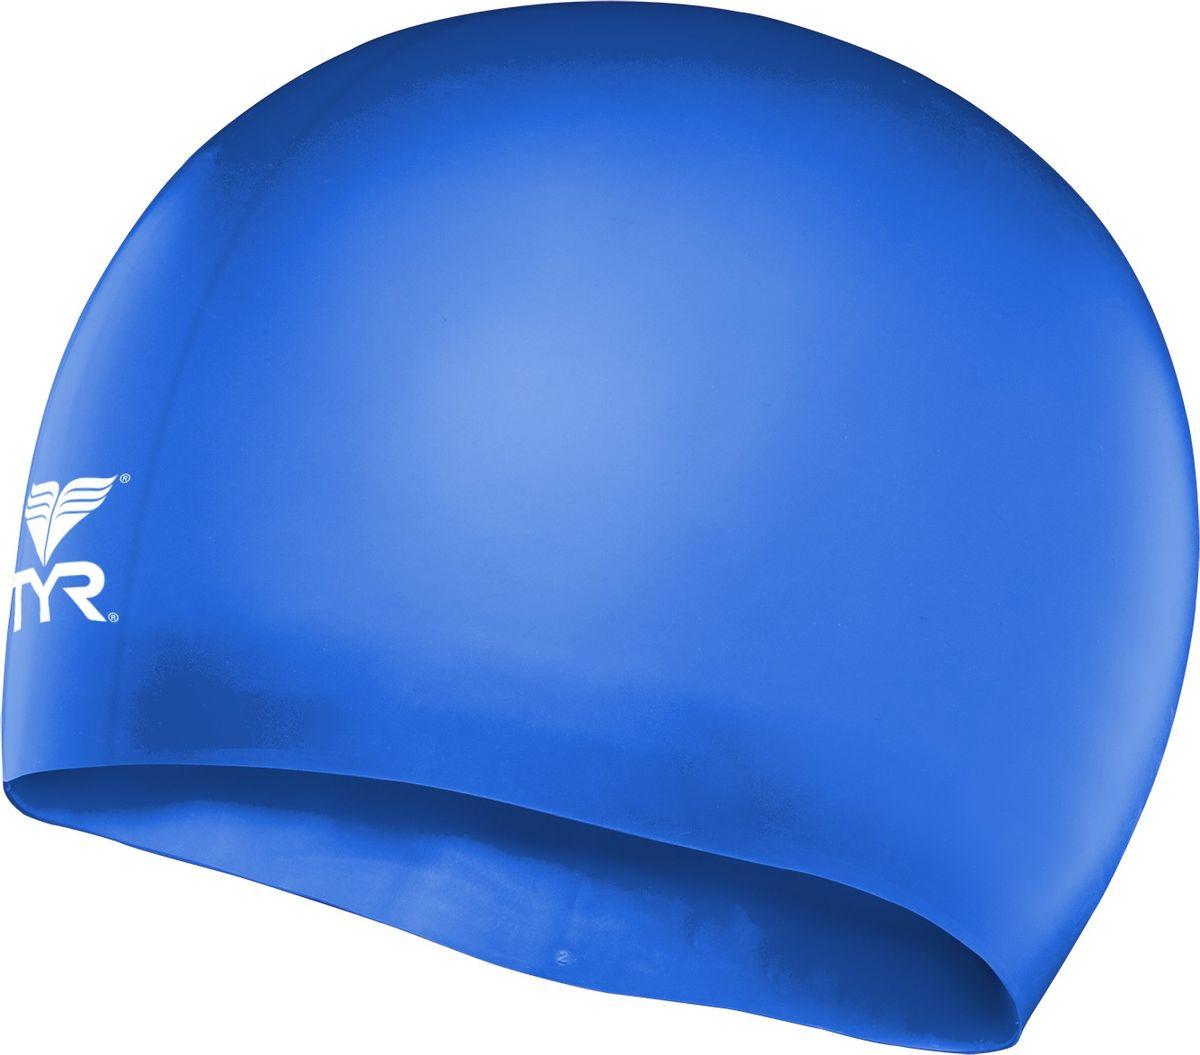 Шапочка для плавания детская Tyr Wrinkle Free Junior Silicone Cap, цвет: голубой. LCSJRLCSJRДетская силиконовая шапочка TYR Wrinkle Free Junior Silicone Cap изготовлена из высококачественного материала устойчивого к воздействию хлорированной воды, что гарантирует долгий срок службы. Материал шапочки не вызывает раздражения кожи и других аллергических реакций. Прекрасный вариант для тренировок в бассейне.